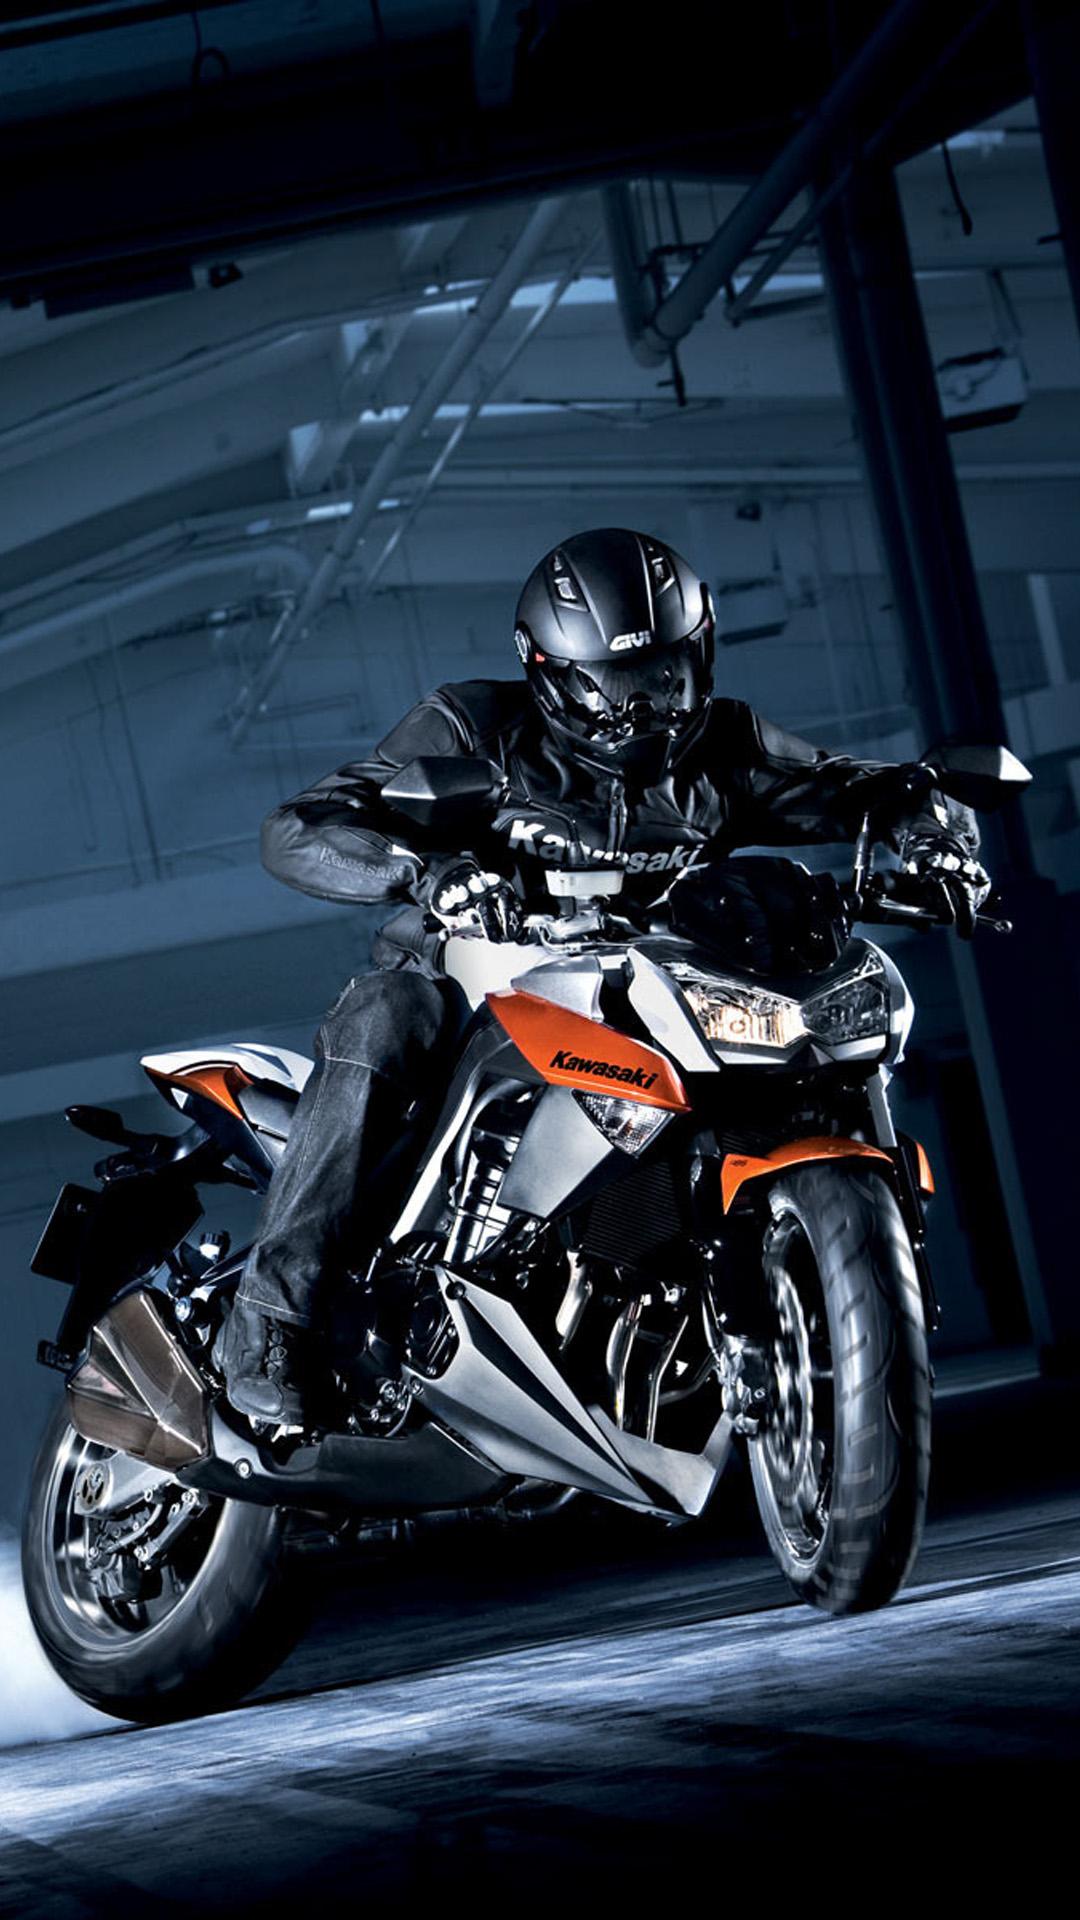 Cool Kawasaki Motorcycle